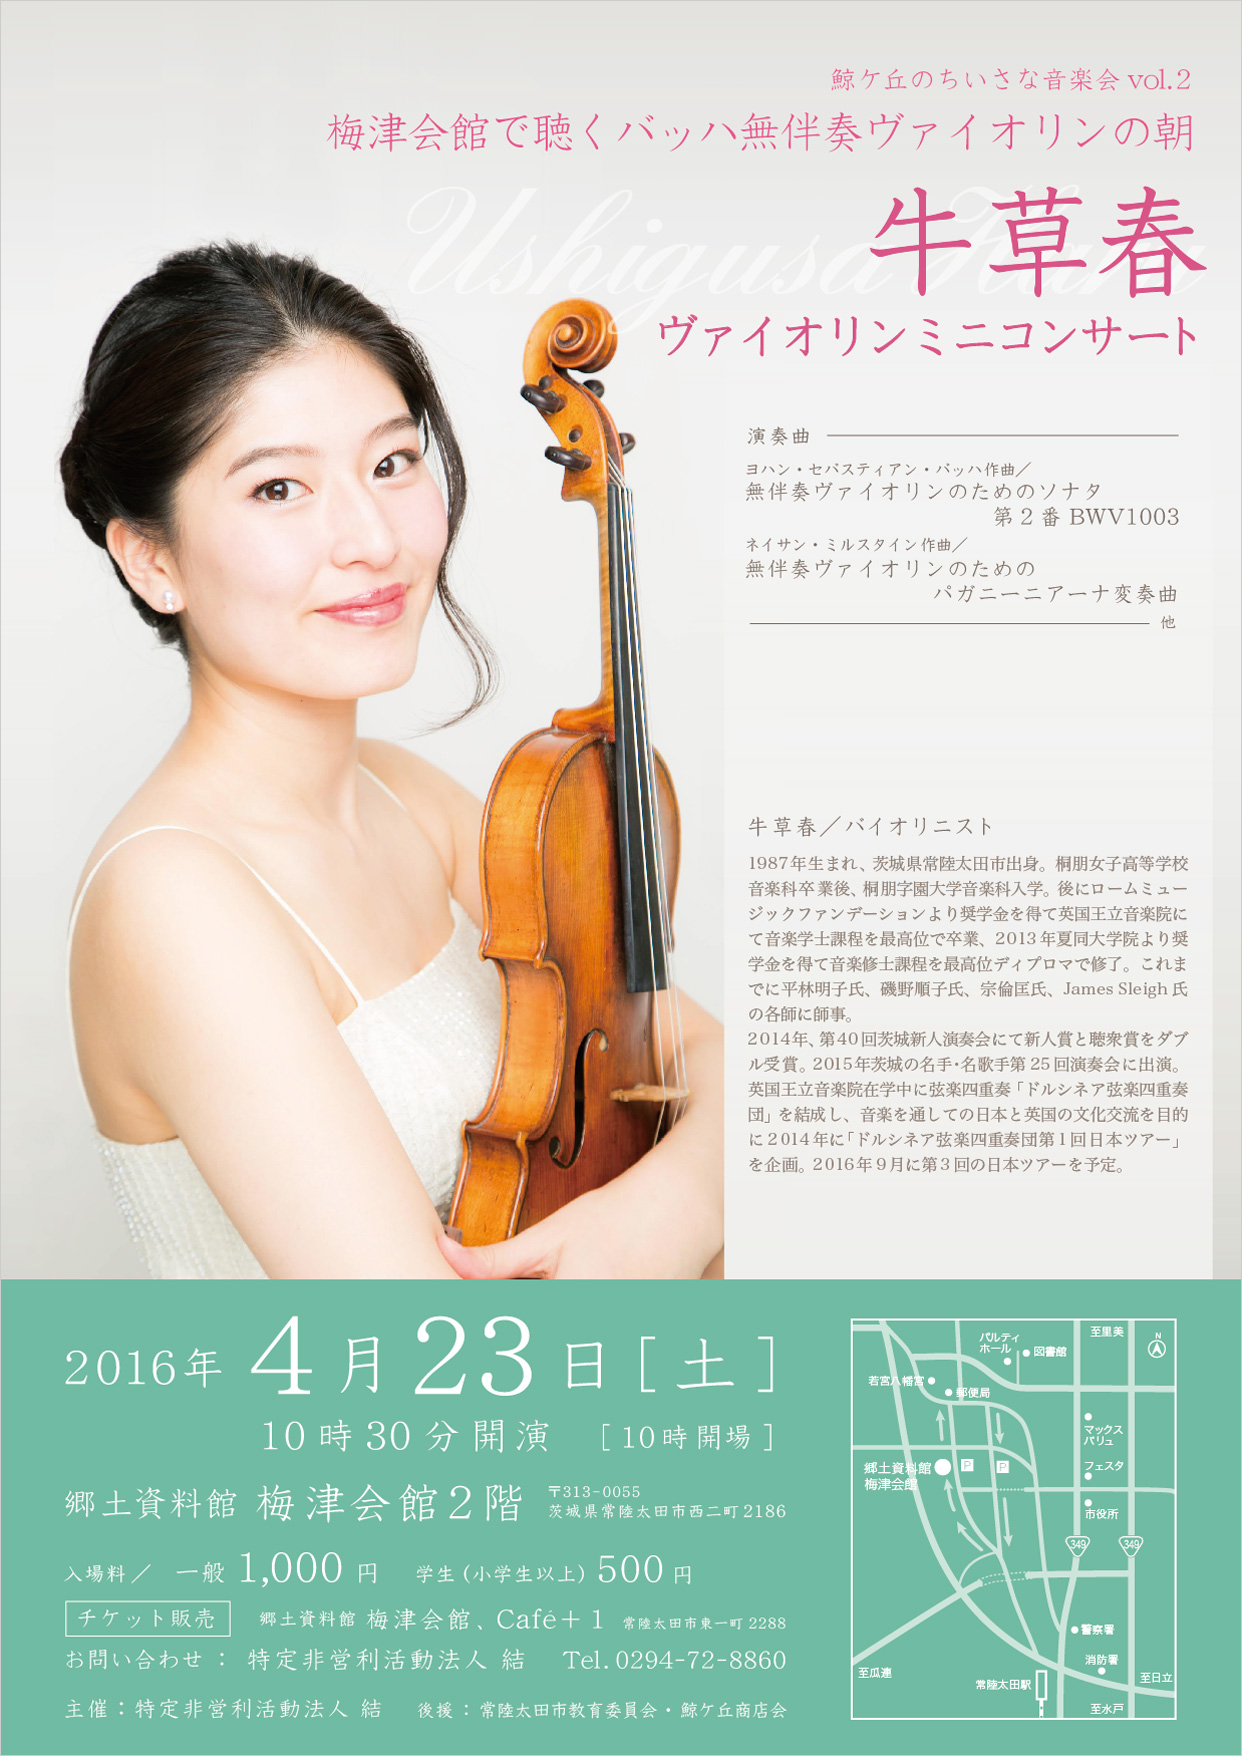 鯨ヶ丘のちいさな音楽会vol2〜 牛草春ヴァイオリンミニコンサート